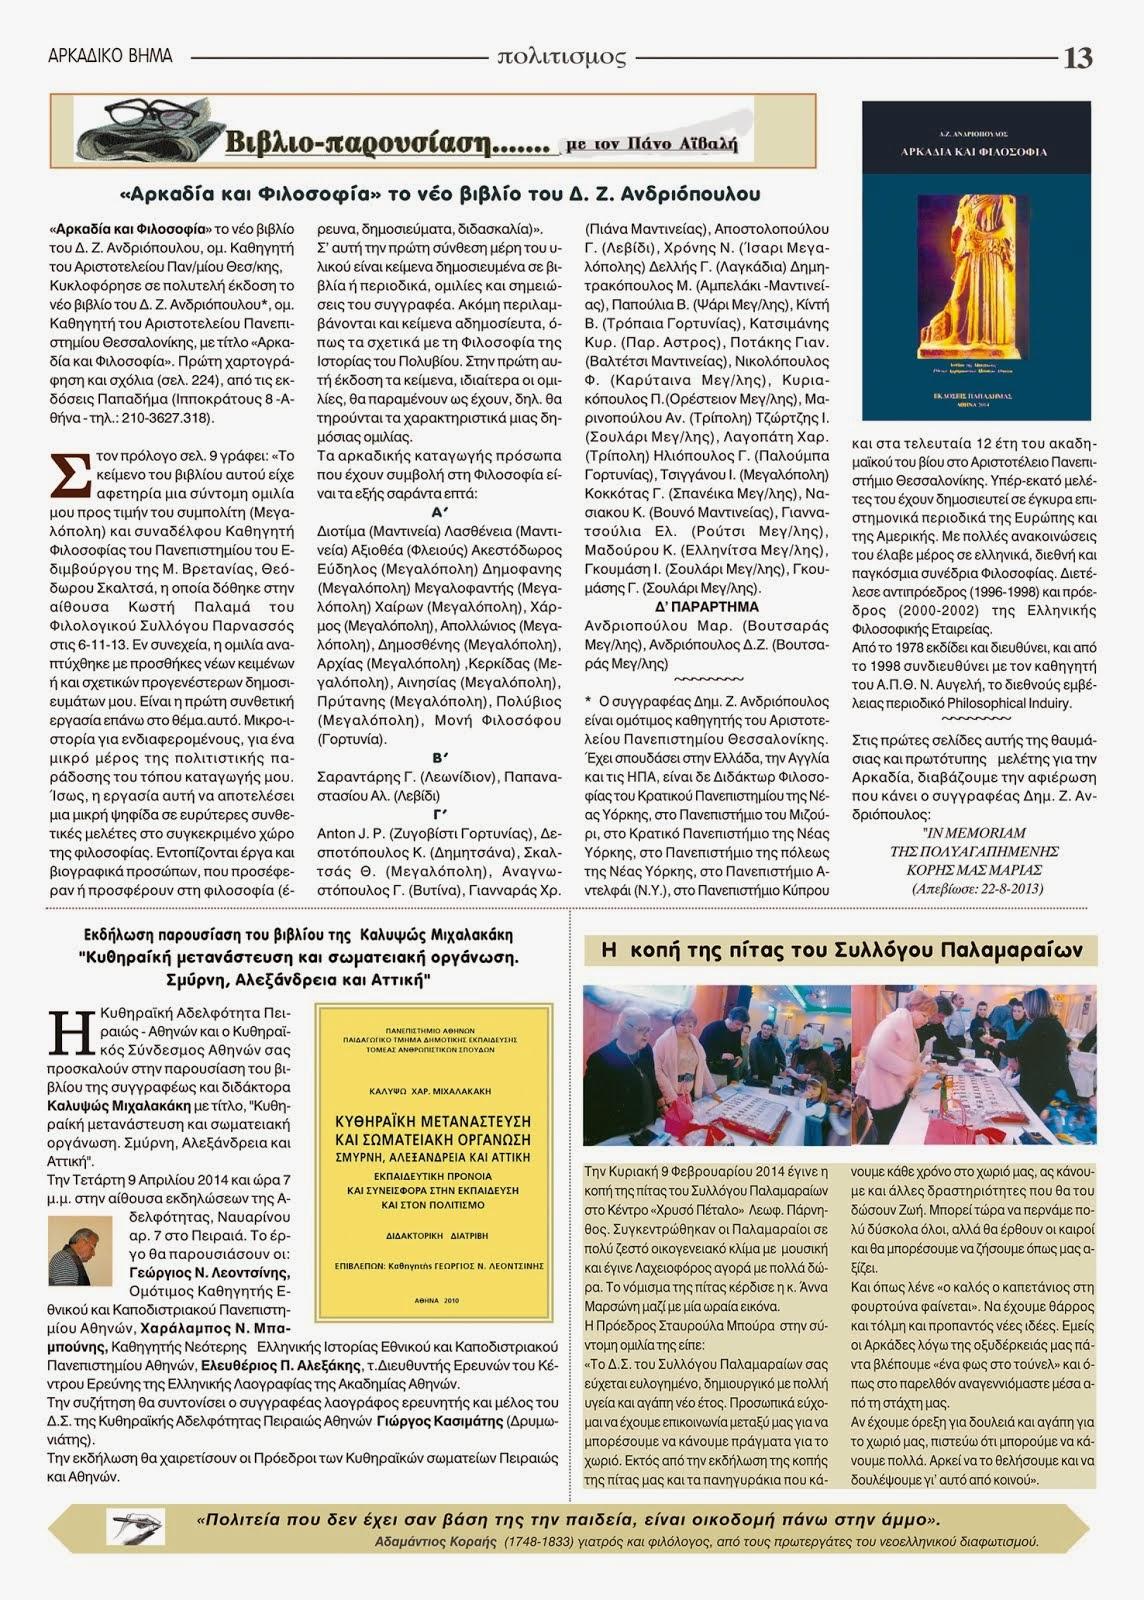 ΣΕΛΙΔΑ ΒΙΒΛΙΟΥ